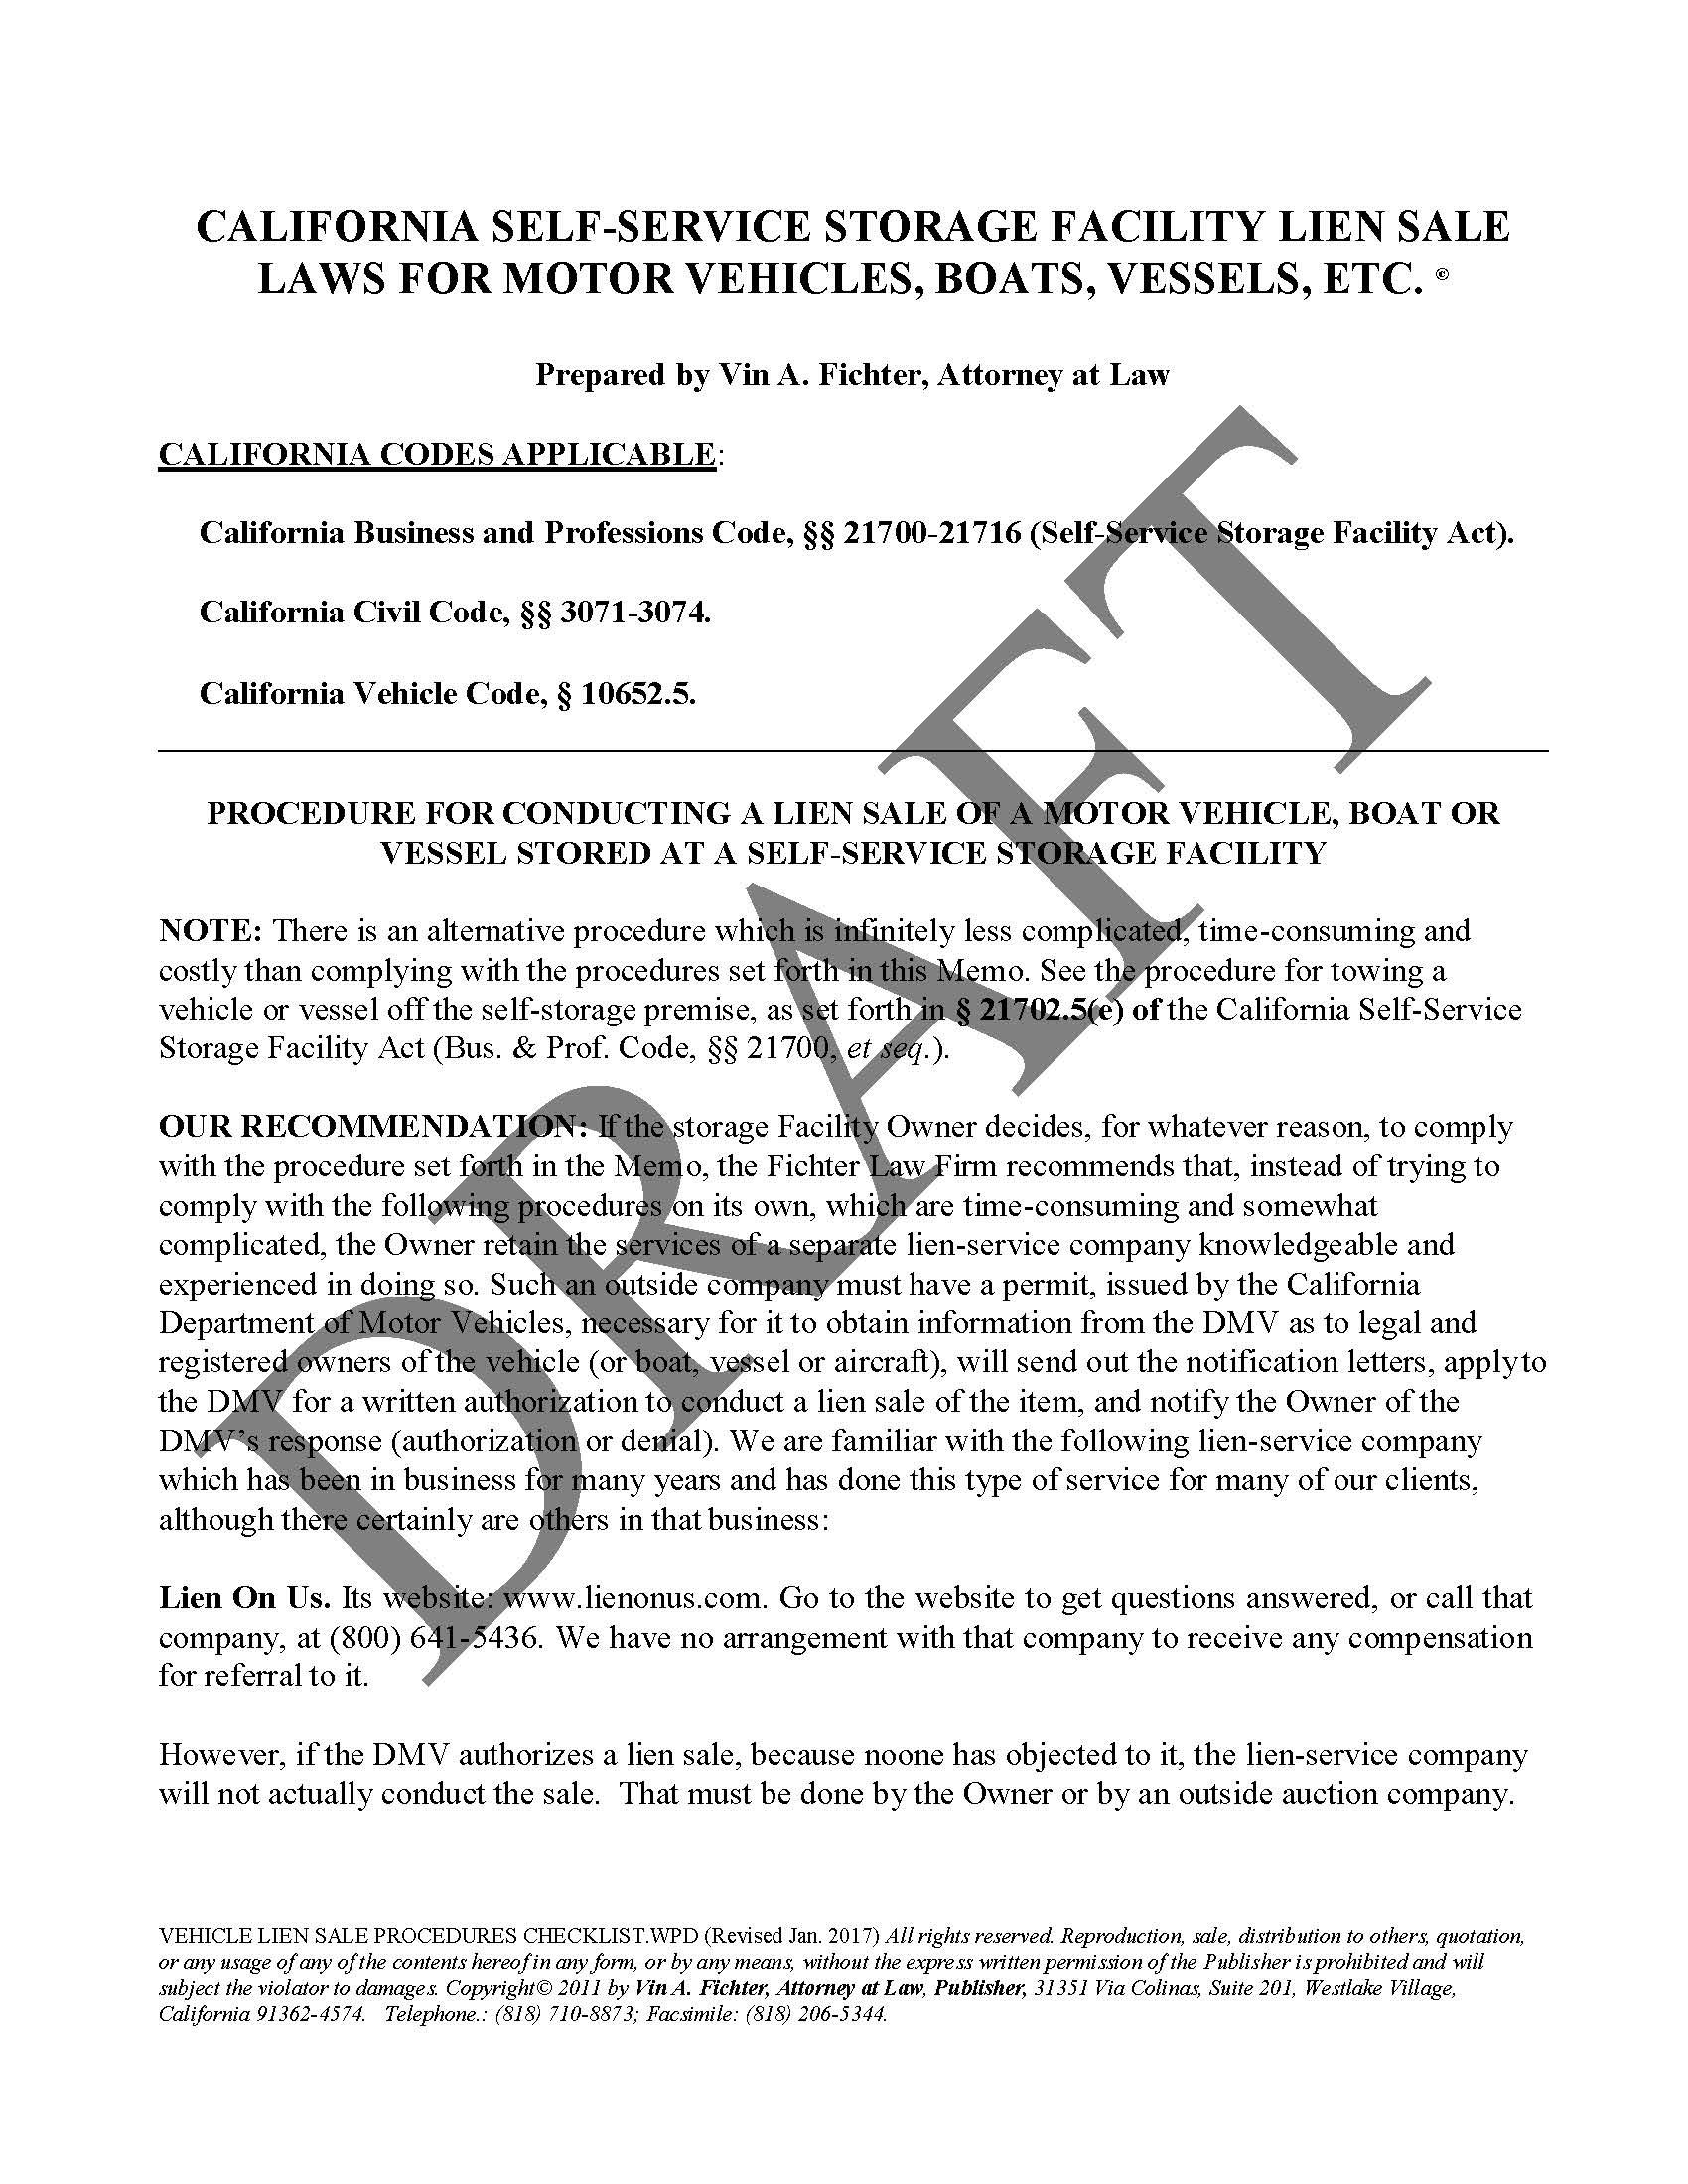 VEHICLE LIEN SALE PROCEDURES CHECKLIST_Page_1 vehicle lien sale procedures checklist law office of vin a fichter